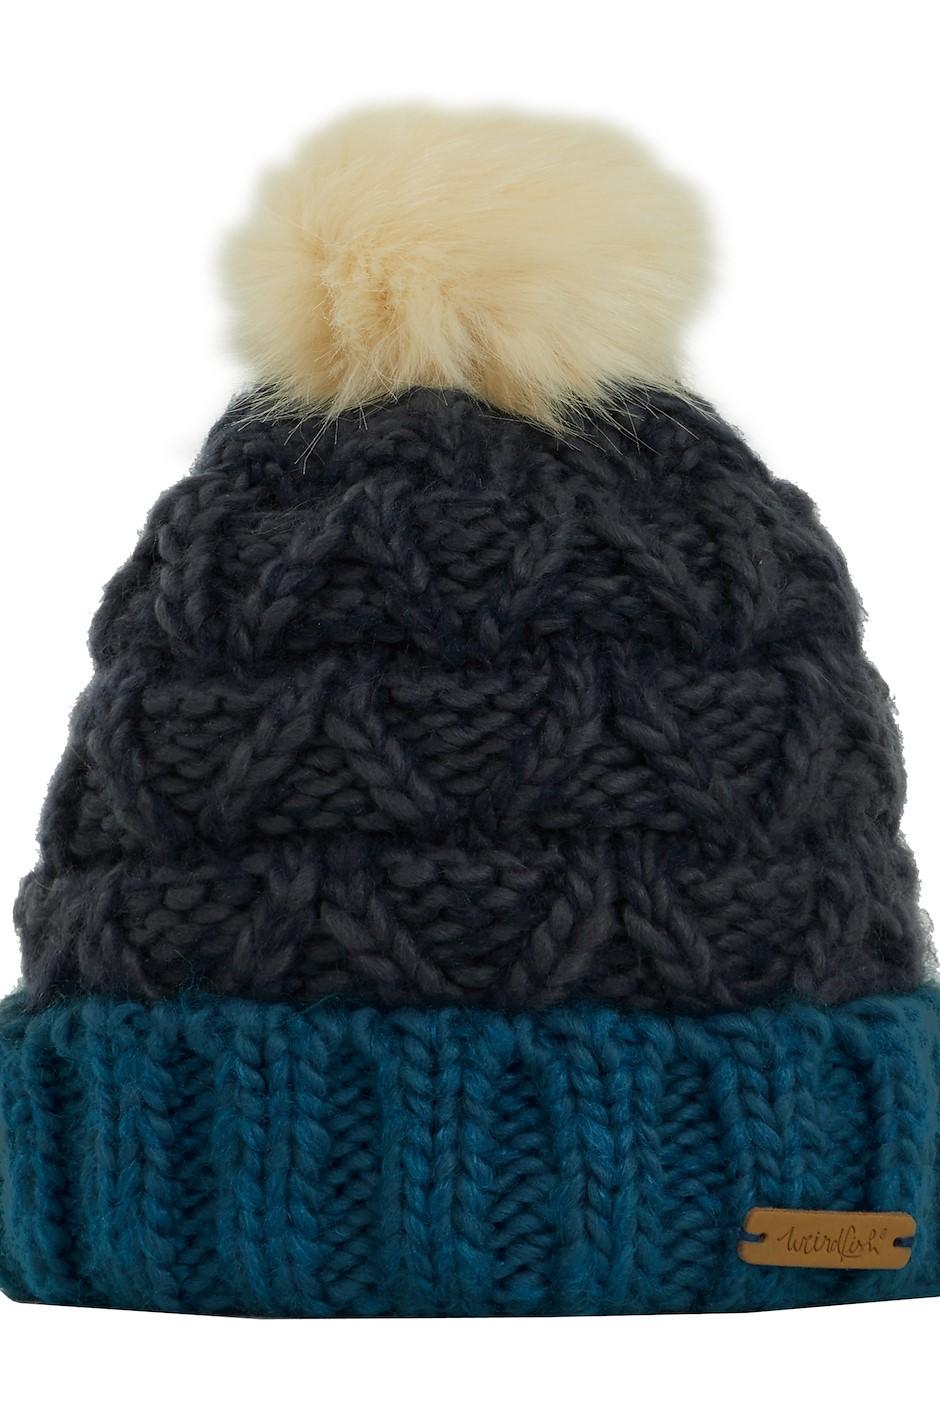 Livvy Knit Bobble Hat Navy